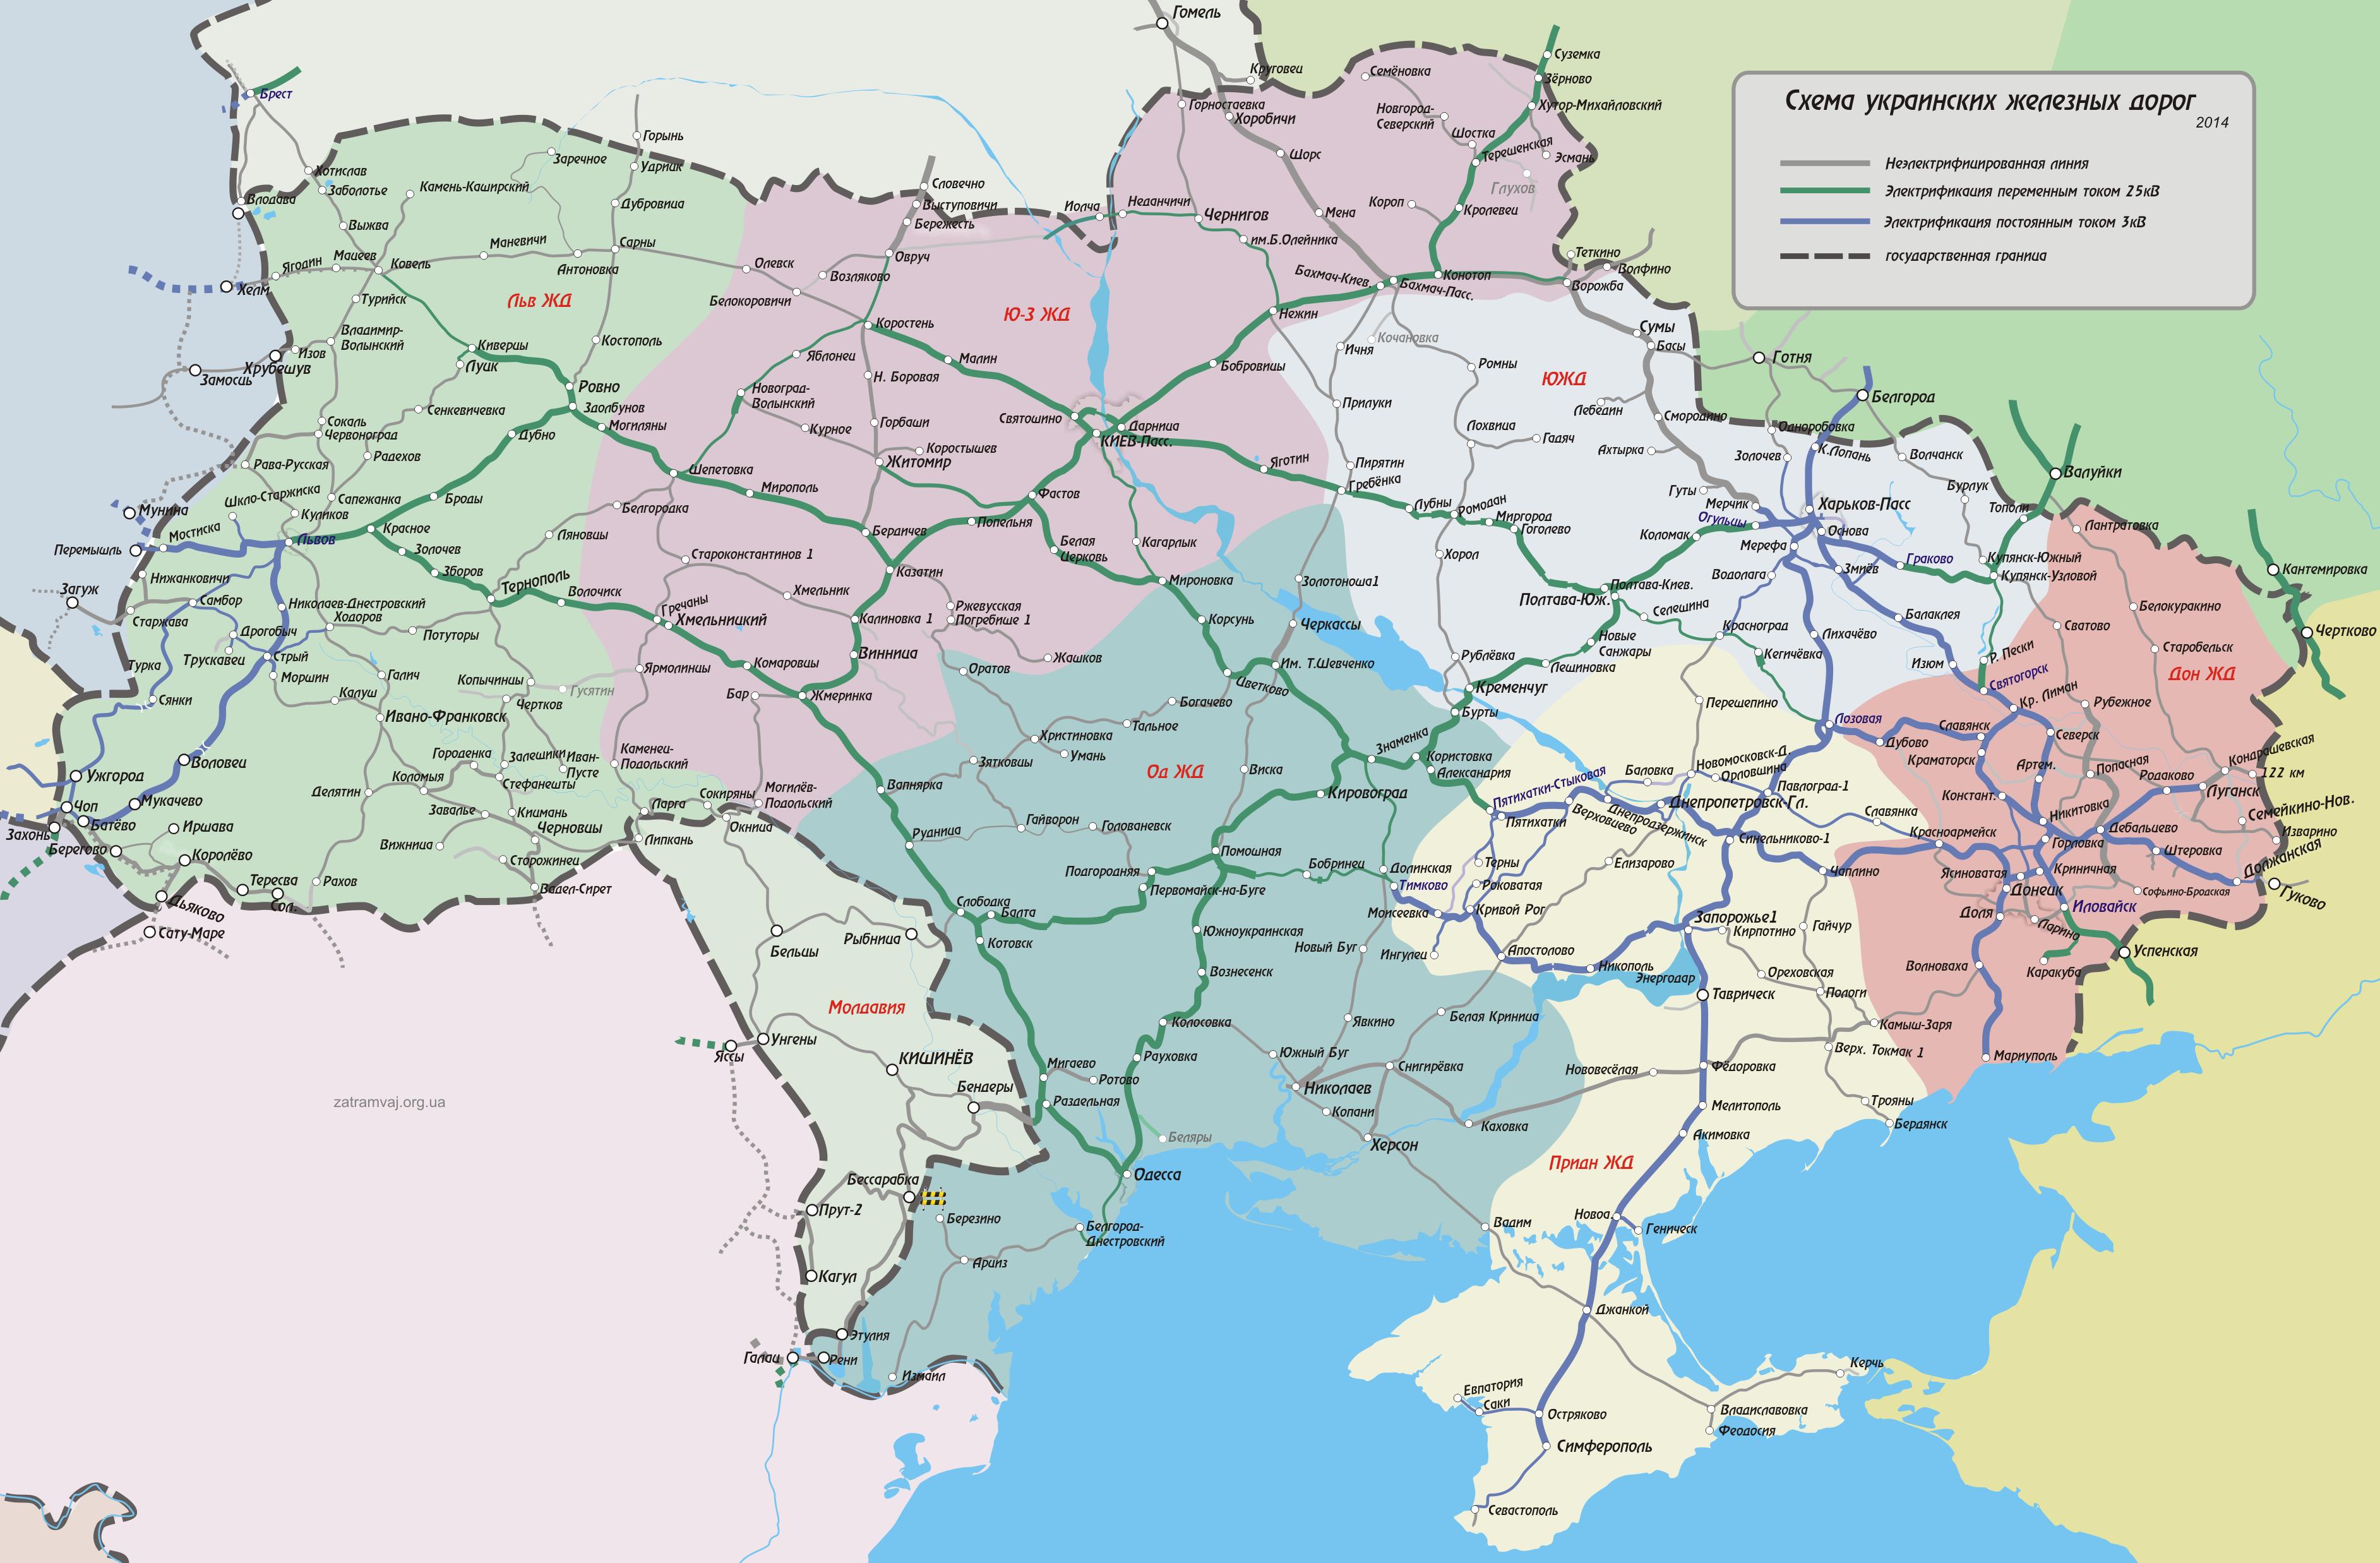 """Стачка железнодорожников на Украине: """"Криворожсталь"""" под угрозой остановки"""